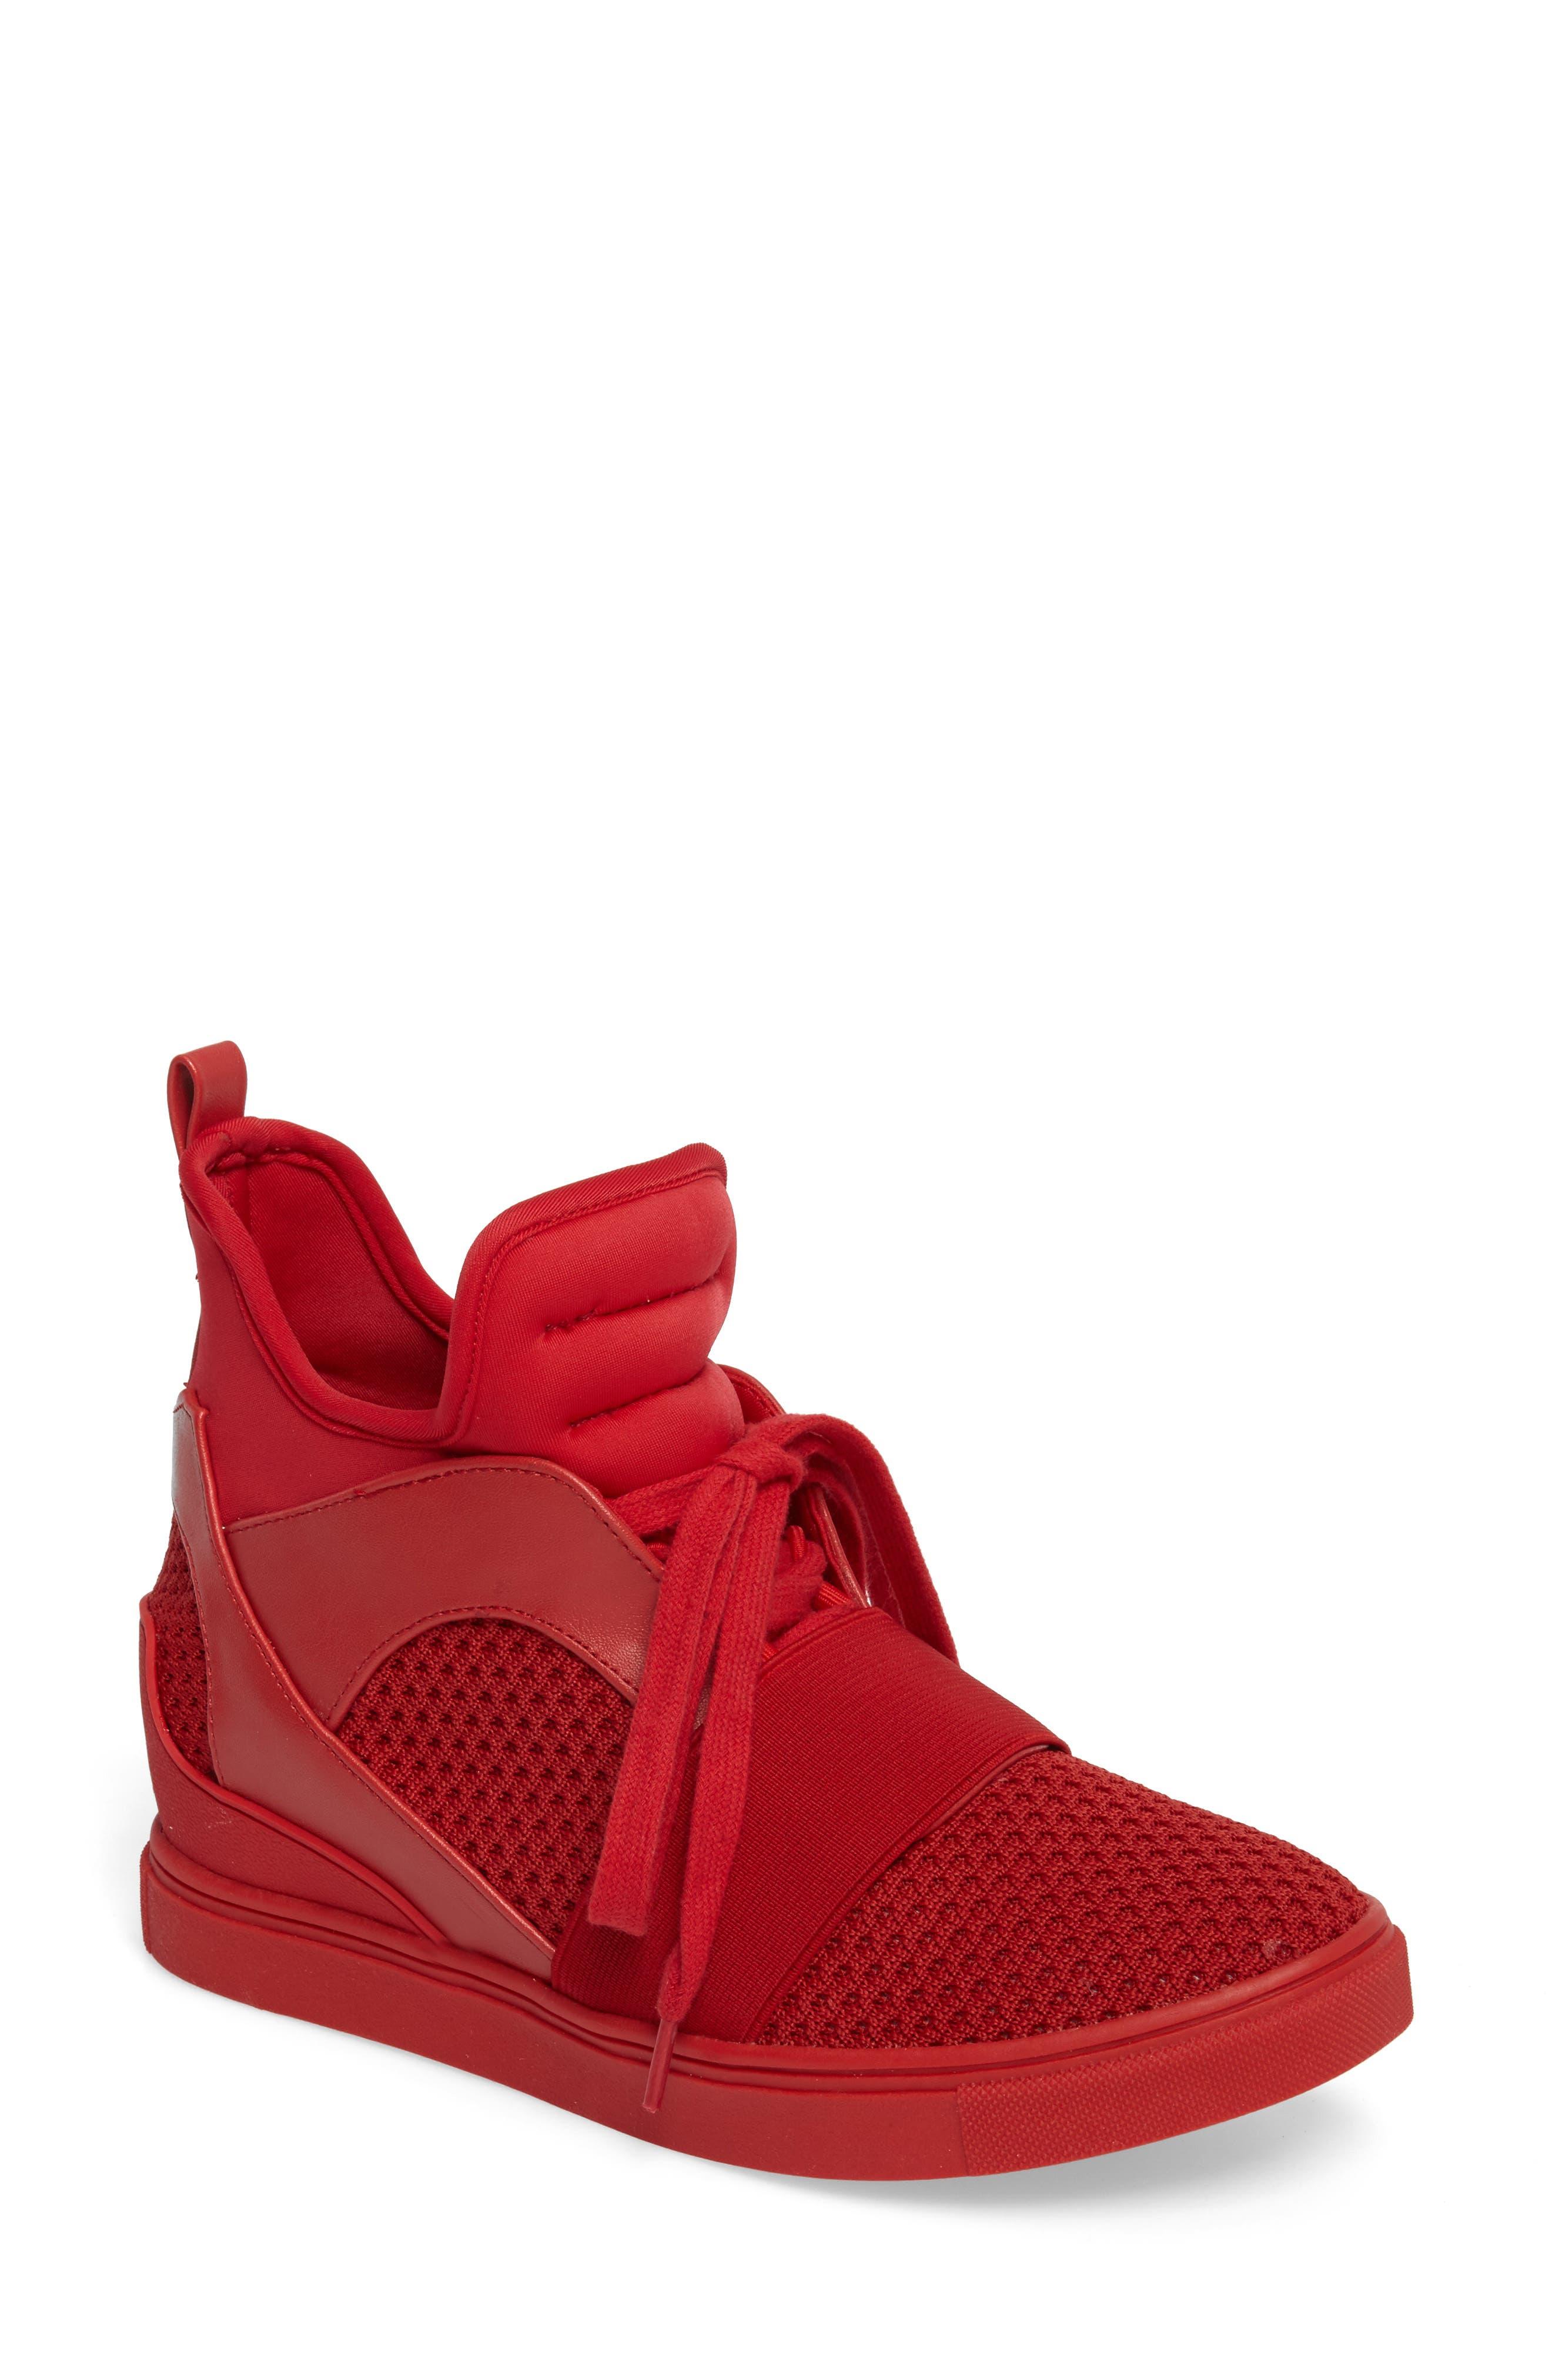 Alternate Image 1 Selected - Steve Madden Lexie Wedge Sneaker (Women)